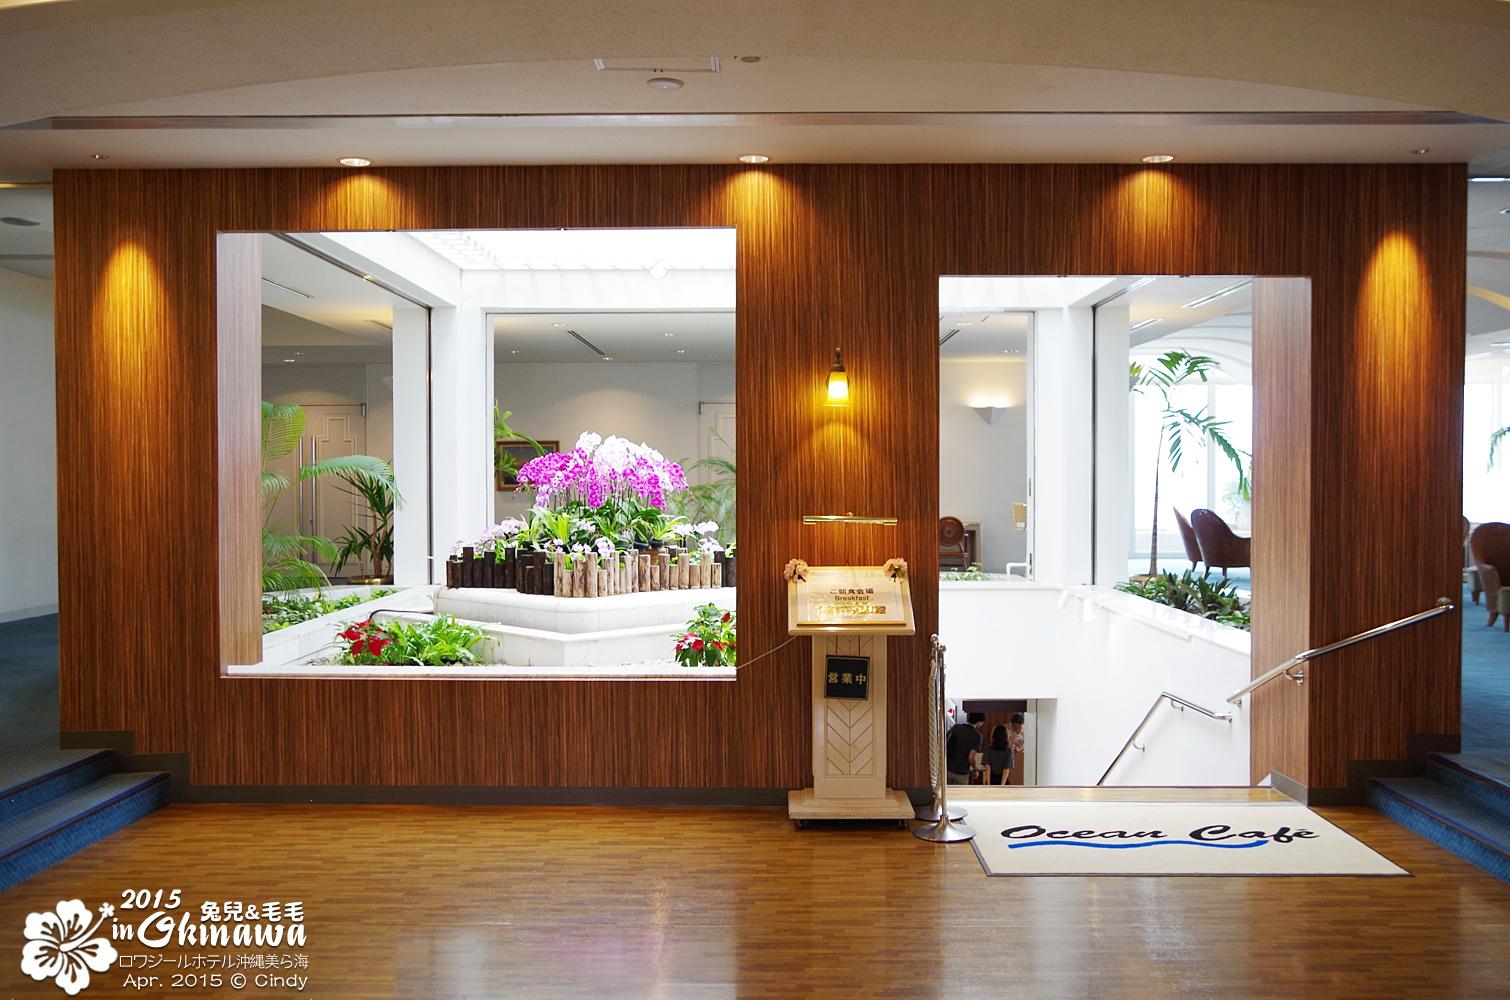 2015-0405-ロワジールホテル沖縄美ら海-14.jpg